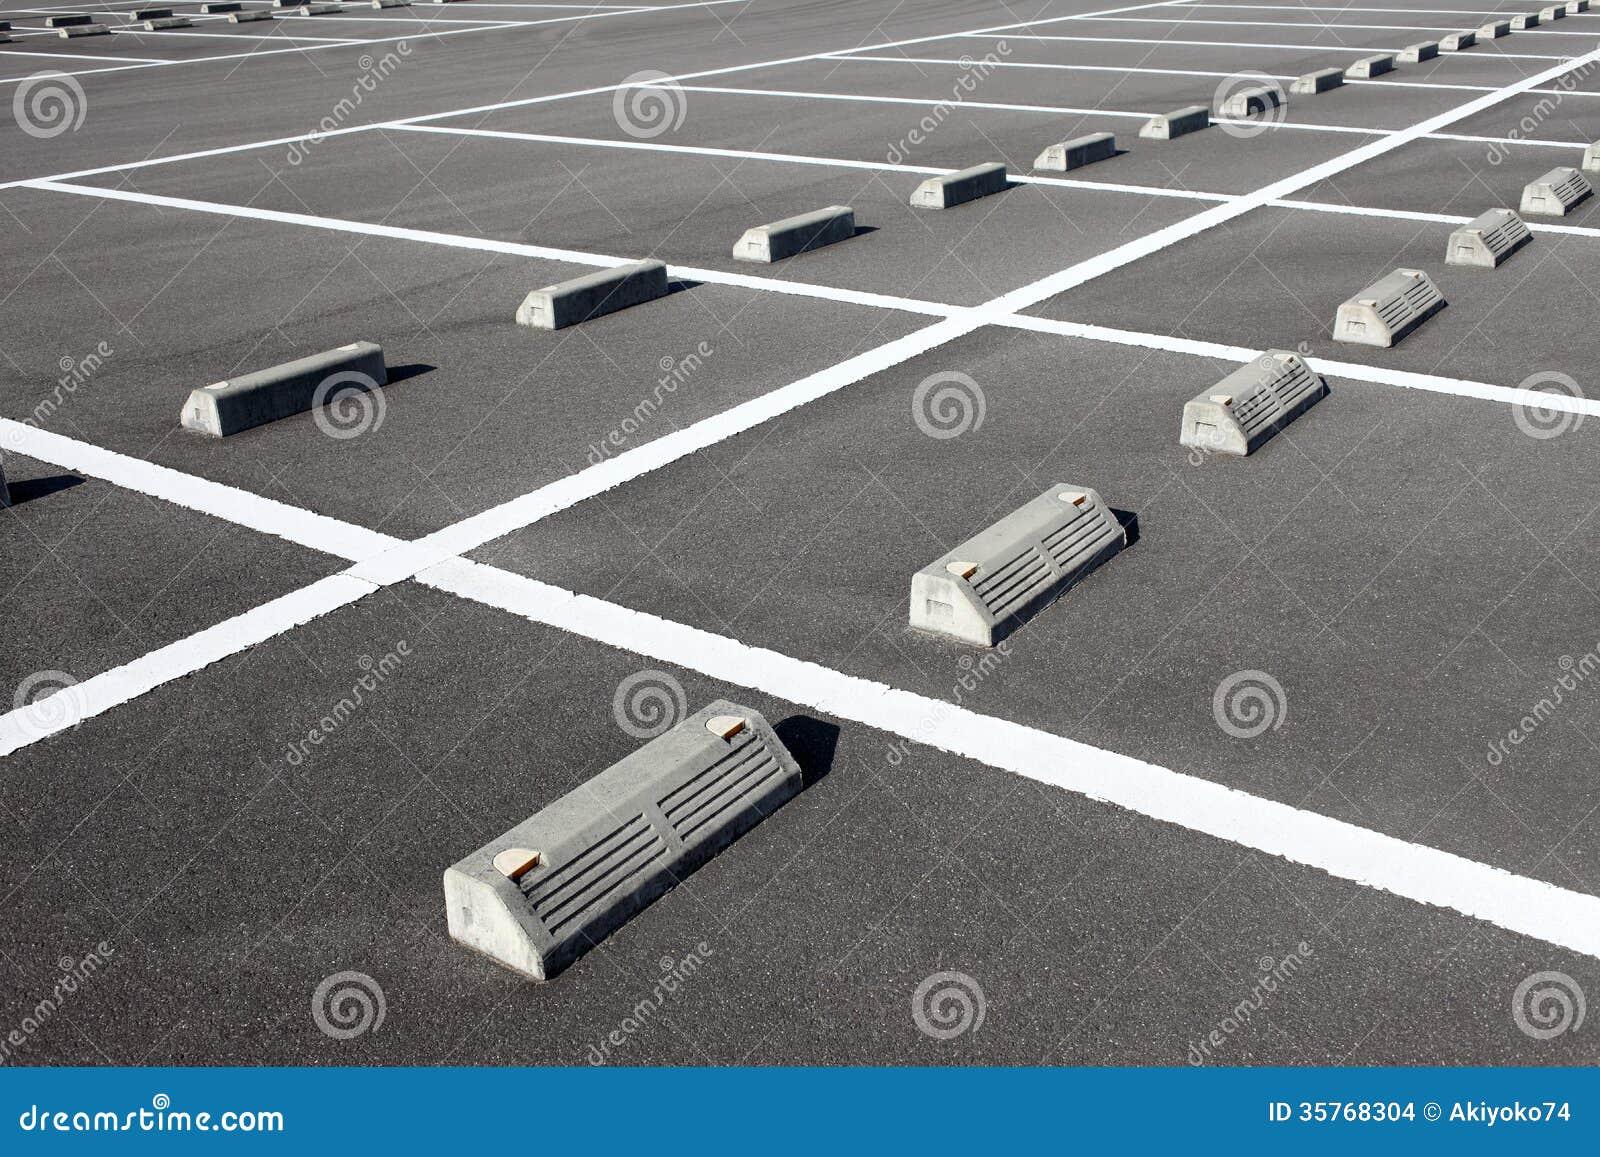 Car Parking Stock Photo Image Of Outdoors, Line. Delco Garage Doors. Garage Rental Lease Agreement. Remote Control Garage Door Opener. Sliding Door Panels